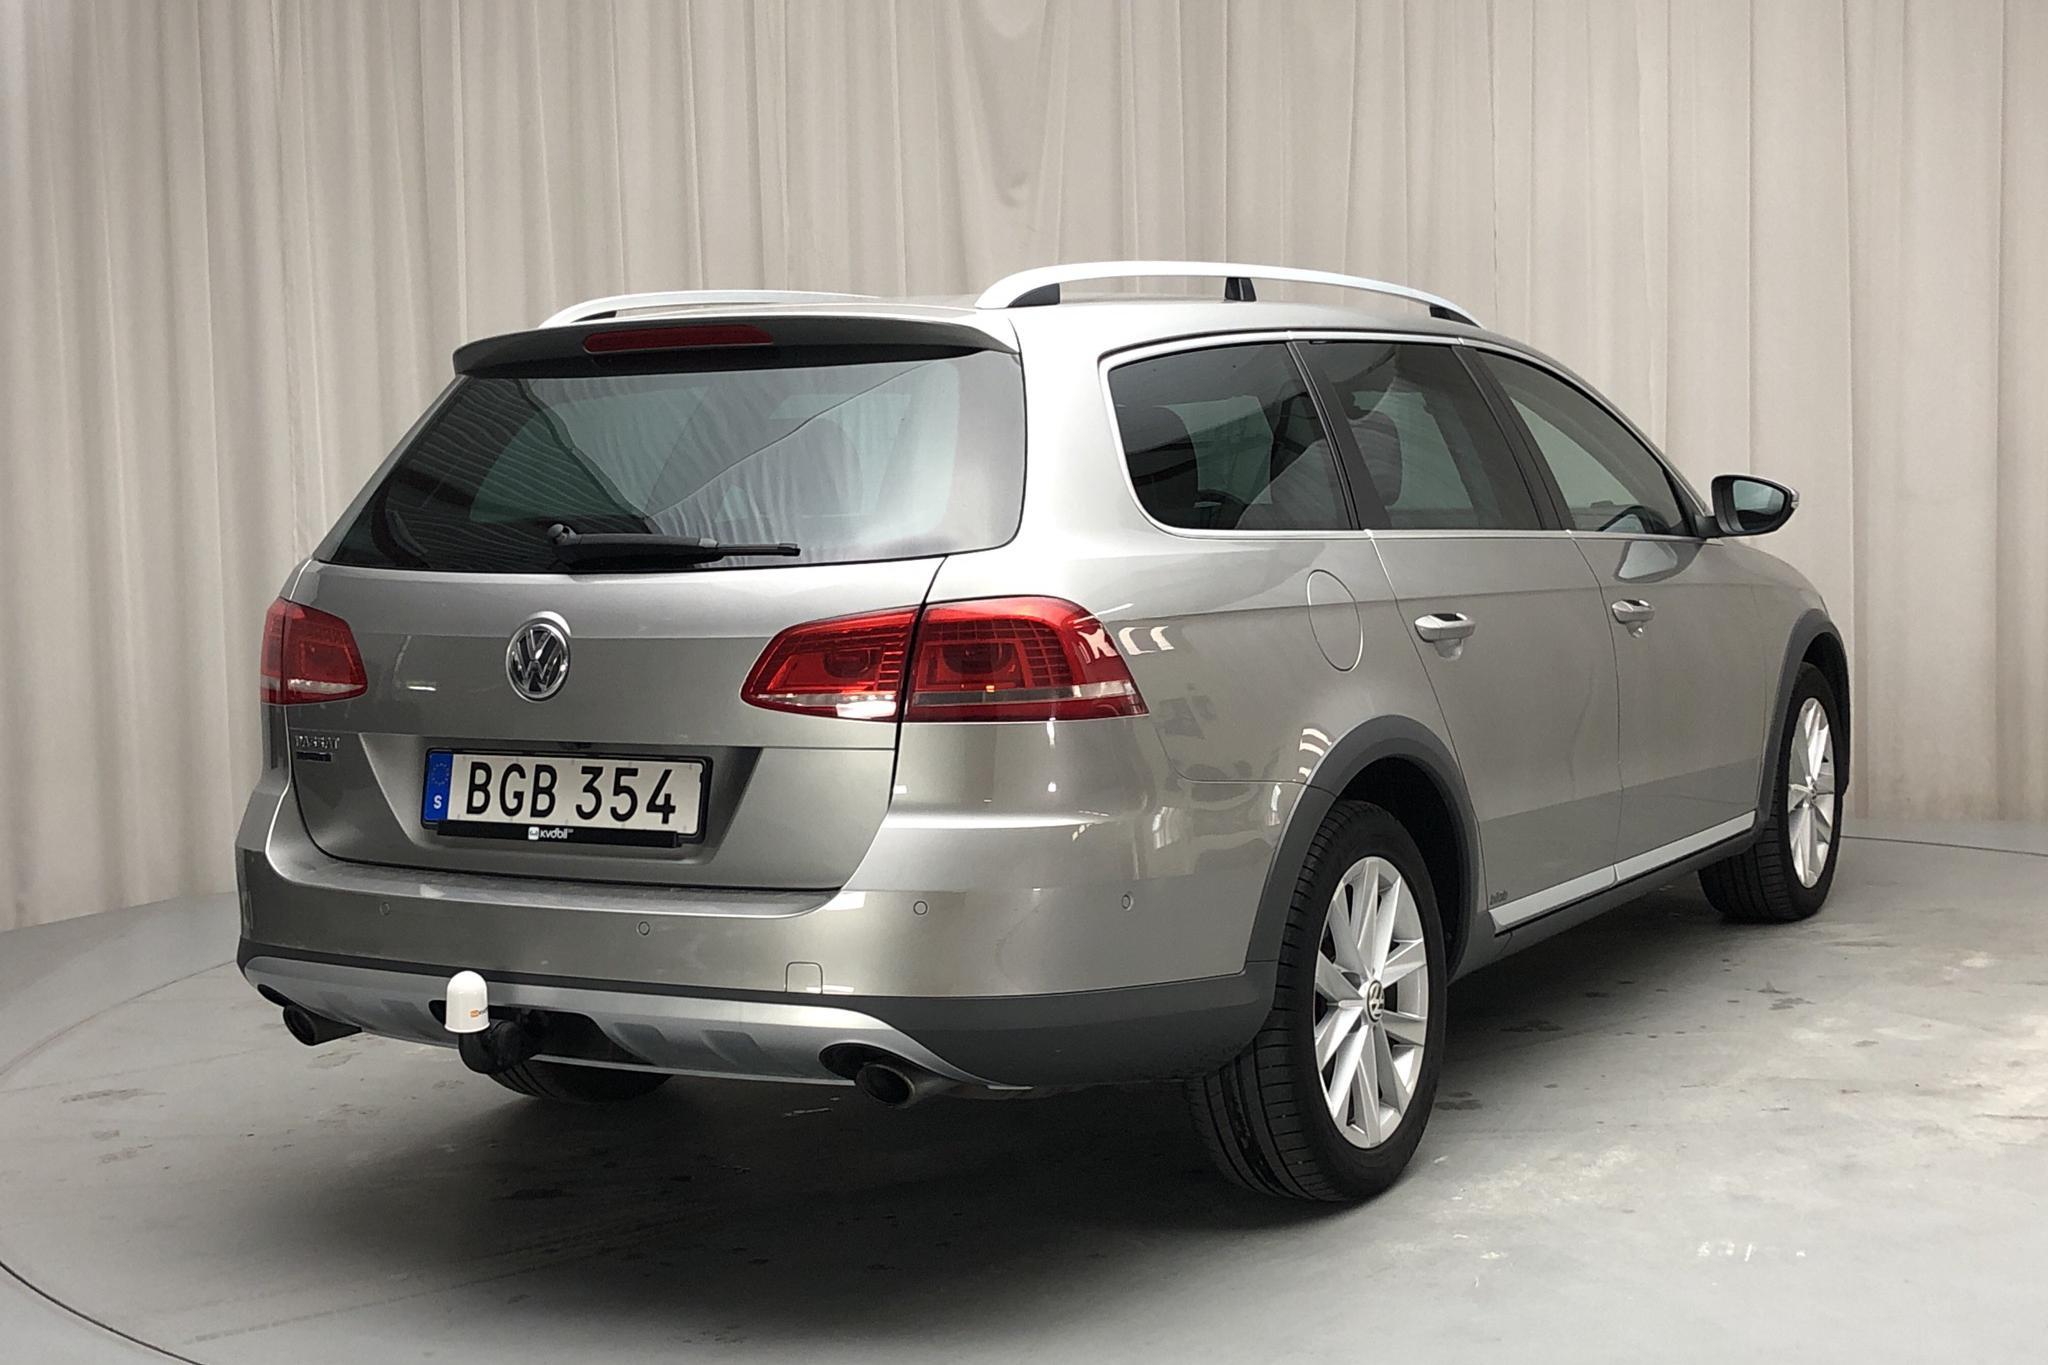 VW Passat Alltrack 2.0 TDI BlueMotion Technology 4Motion (177hk) - 13 887 mil - Automat - silver - 2014